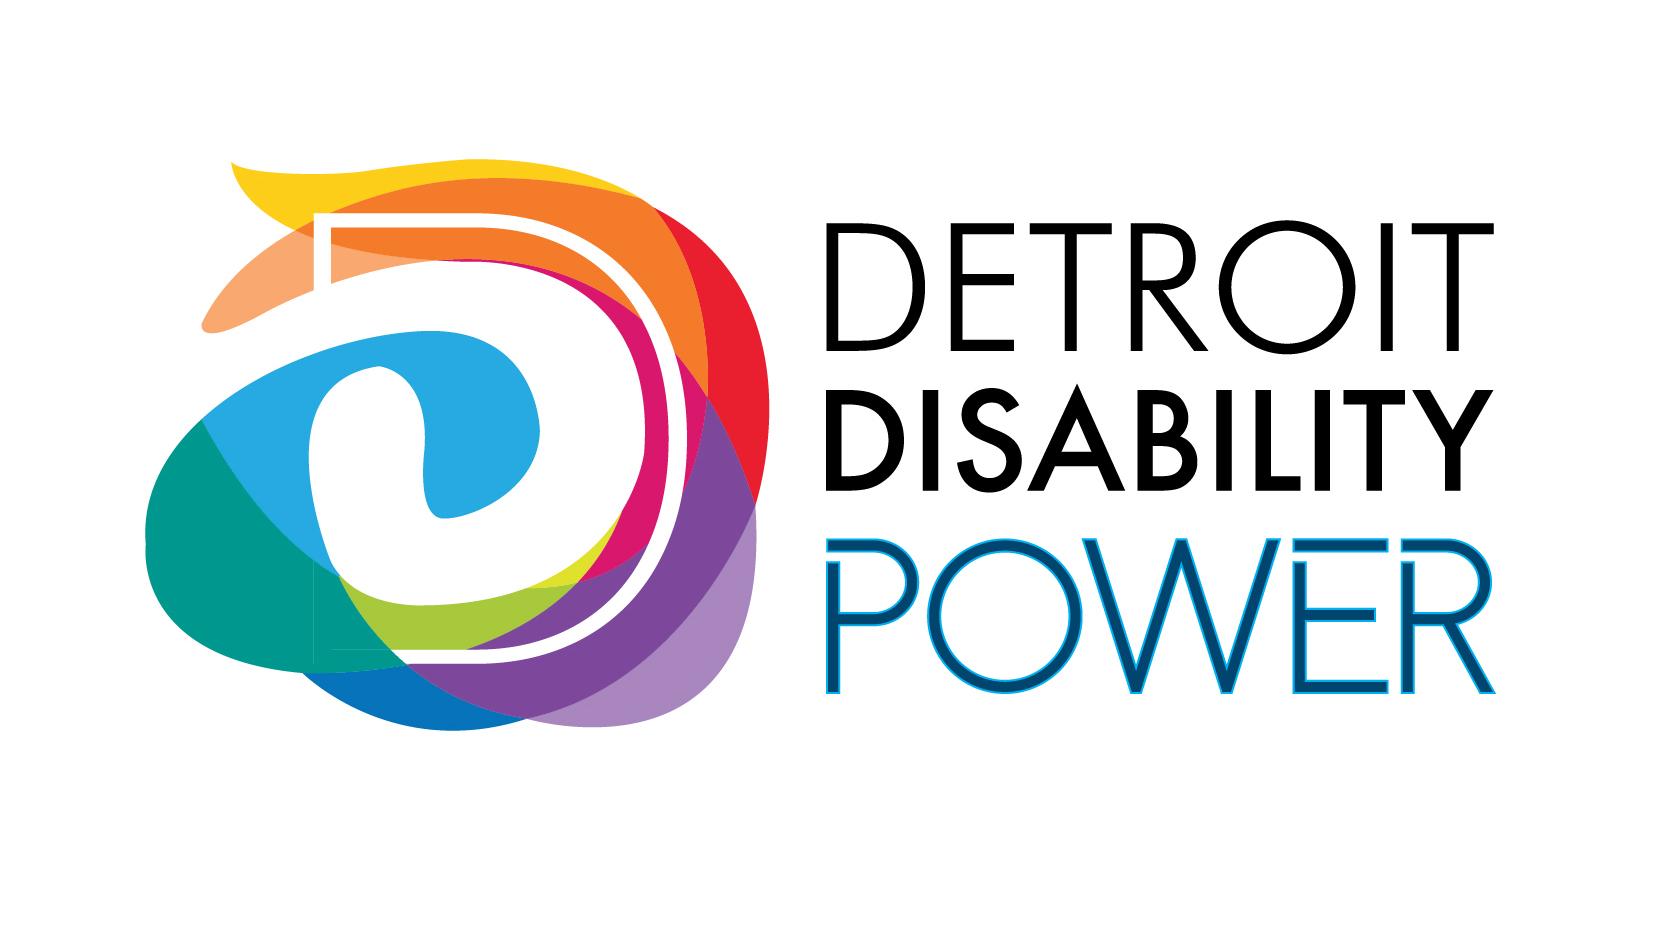 DetroitDisabilityPower.org